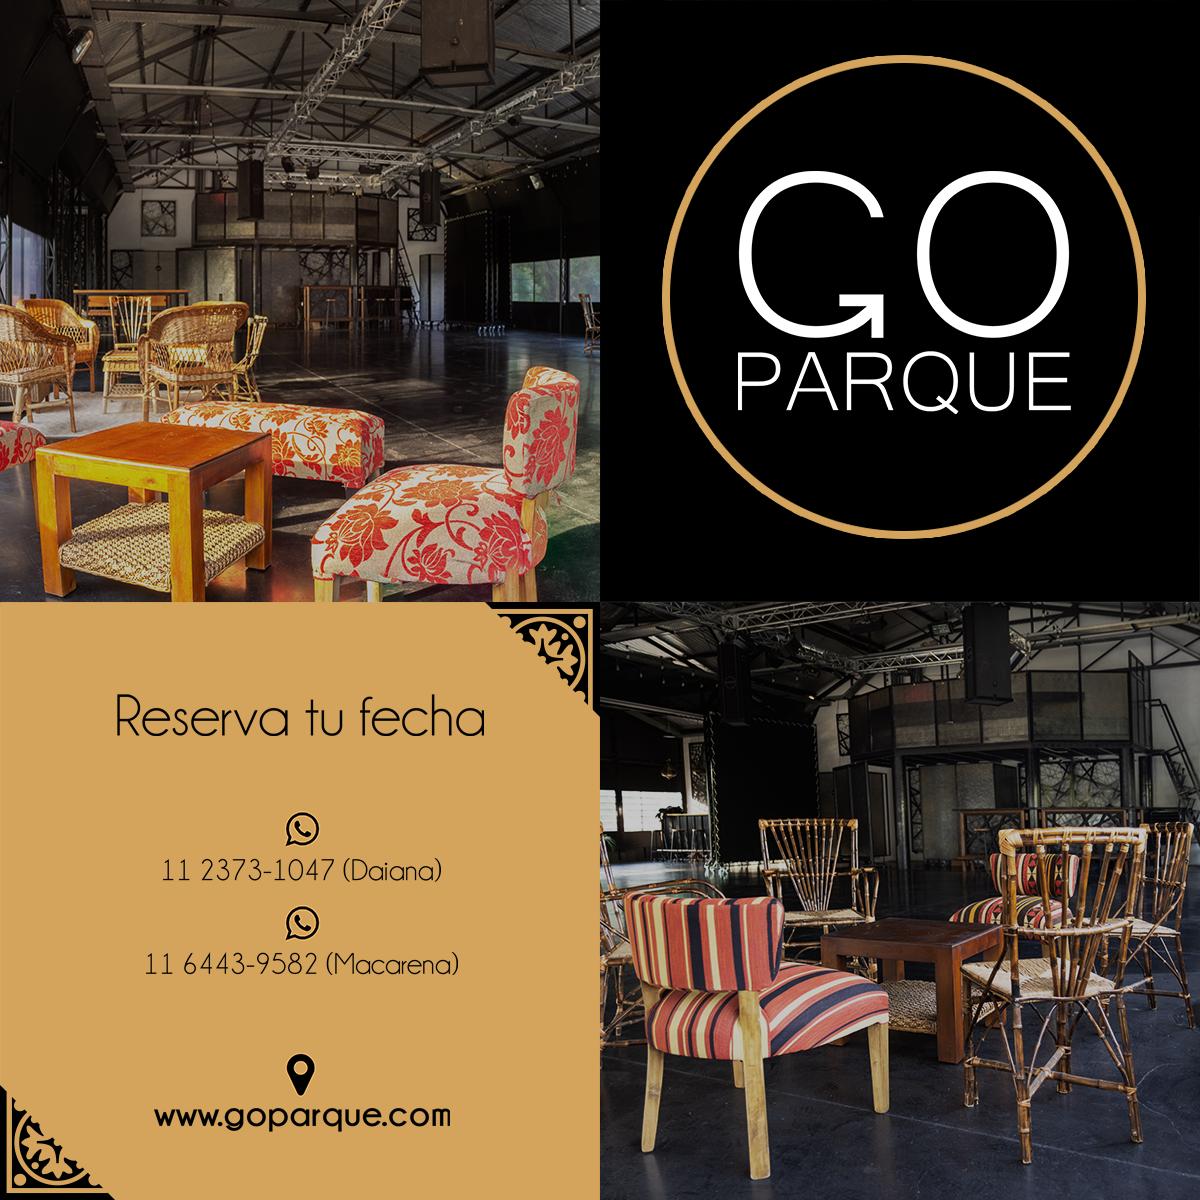 goparque_salon02.png